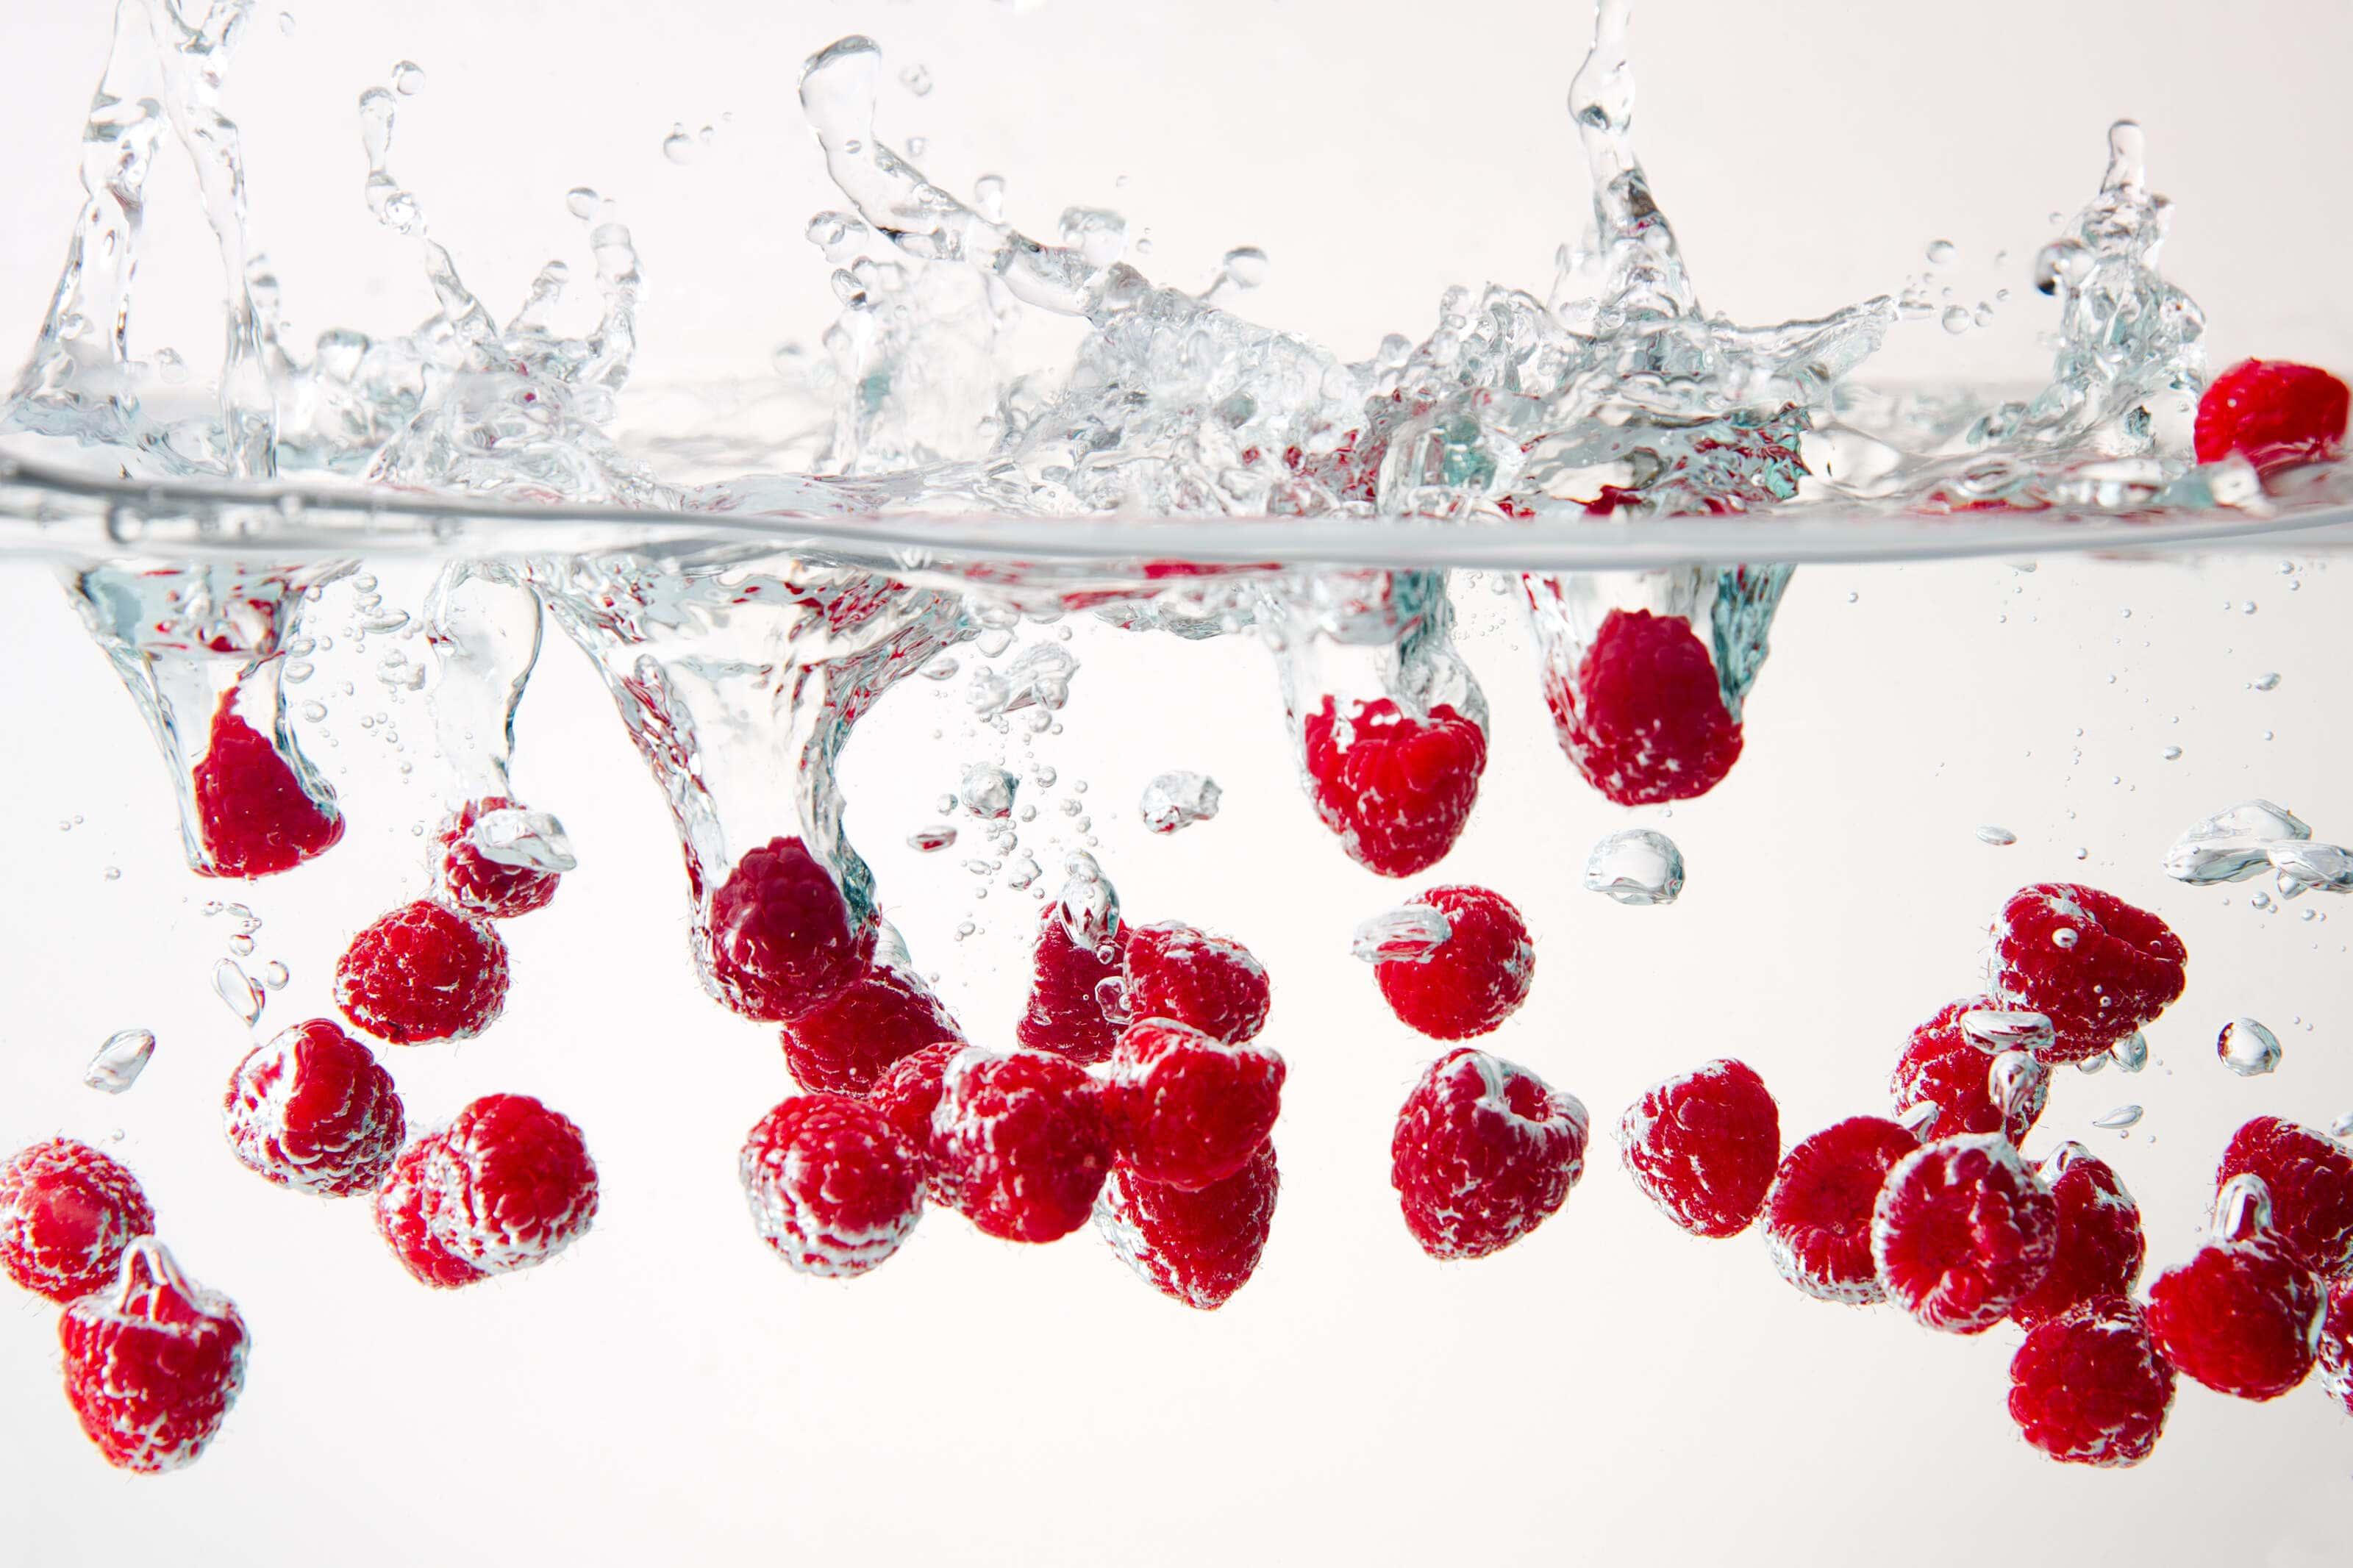 raspberries splashing into water